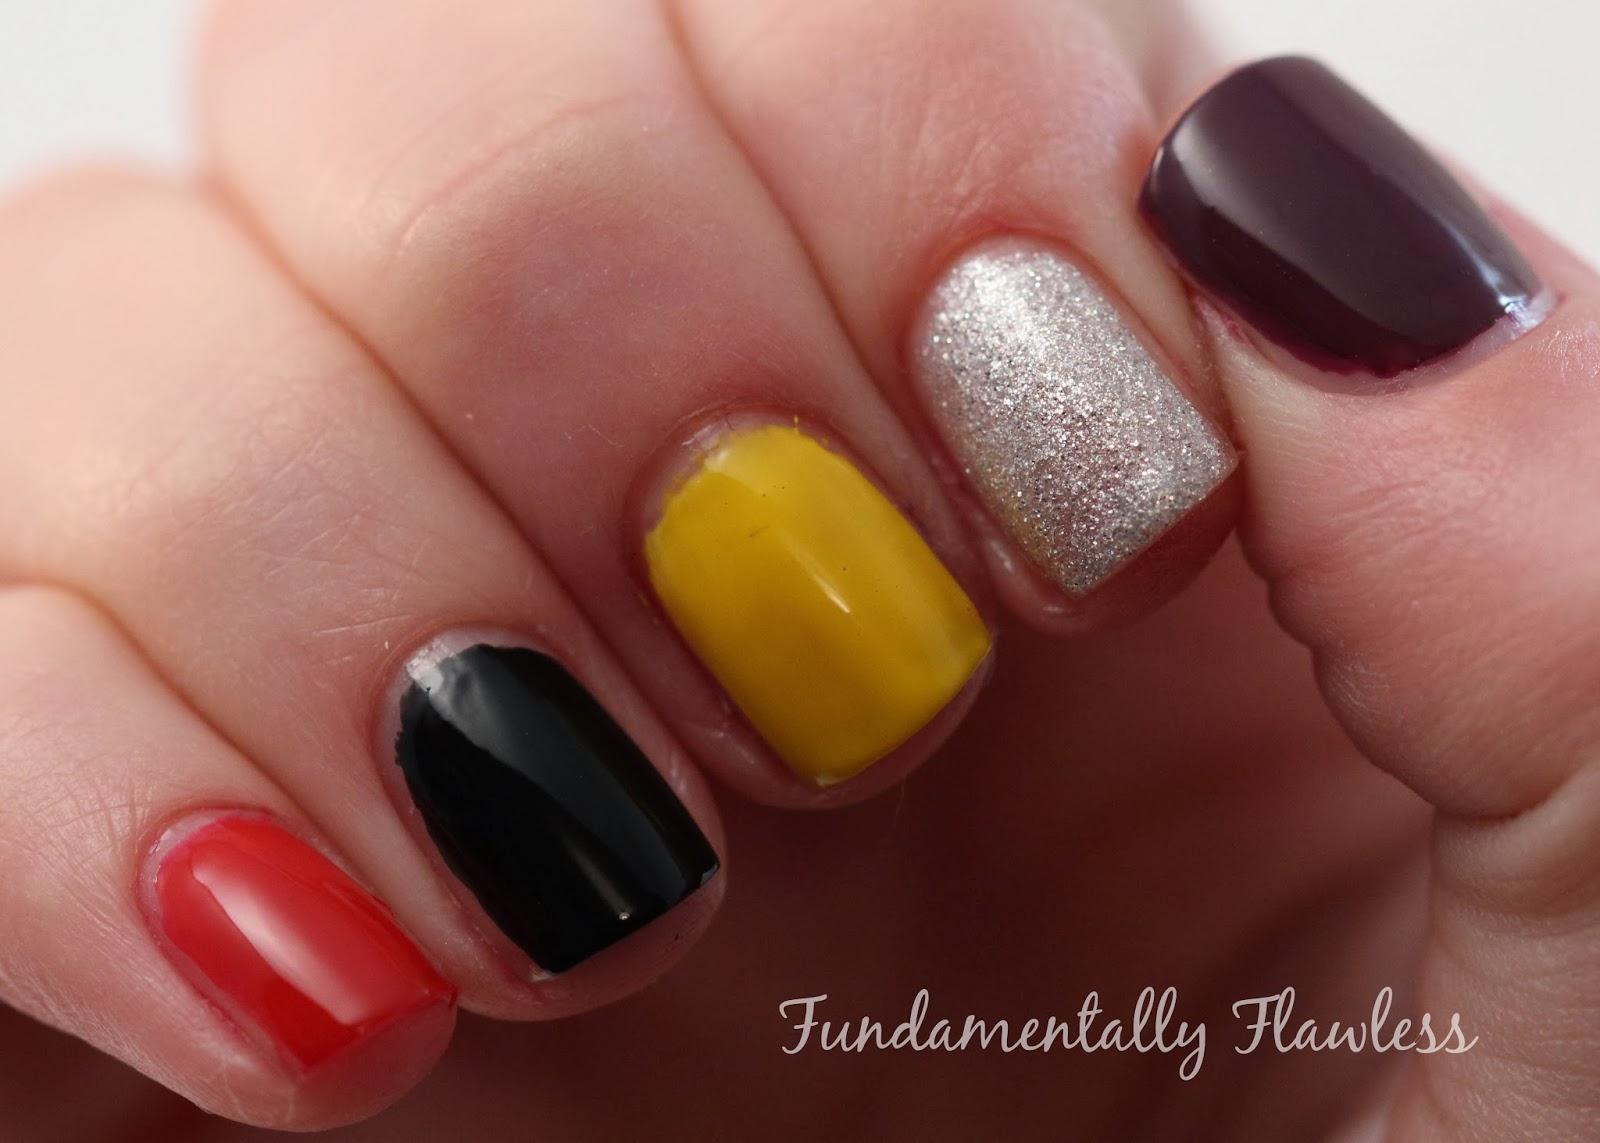 Fundamentally flawless christmas nail art nails supreme plain christmas nail art nails supreme plain nail art kit prinsesfo Image collections